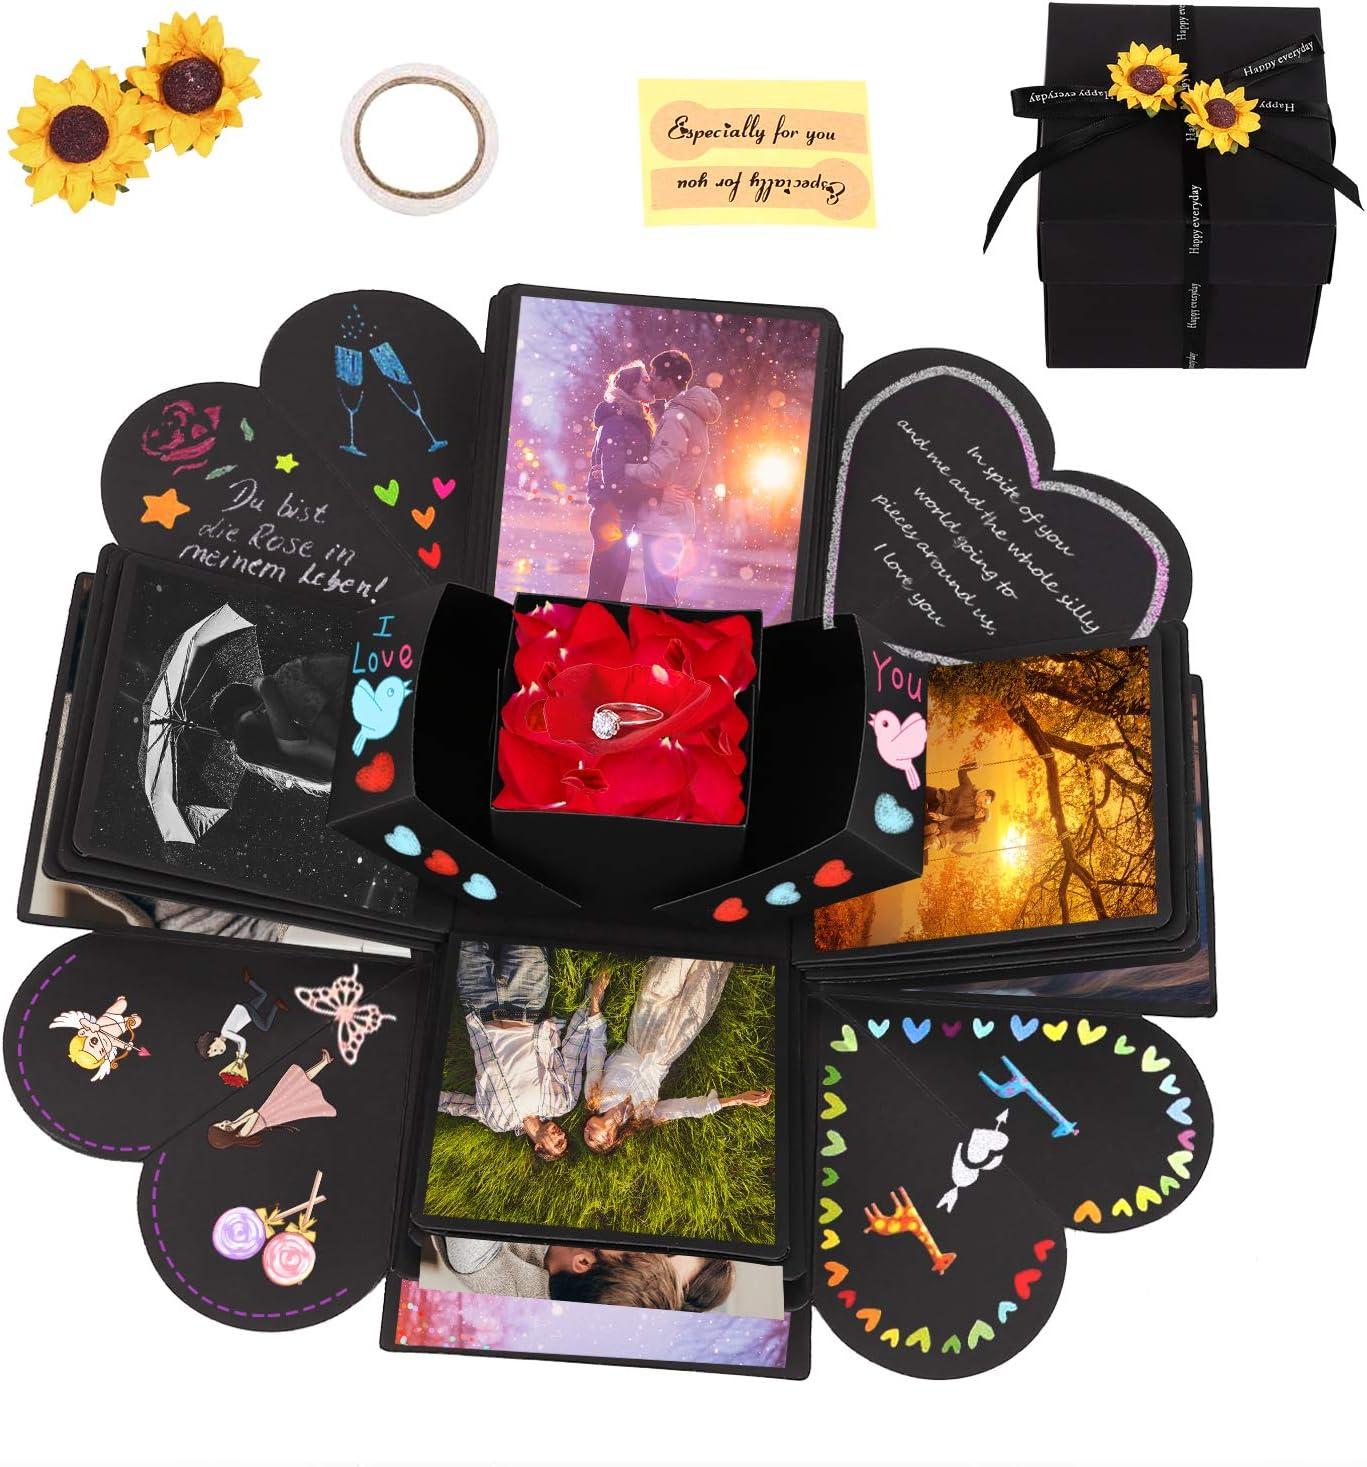 Caja de Regalo Creative Explosion Box, Zorara Explosion Box DIY Álbum de Fotos Hecho a Mano, Álbum de Fotos de Scrapbooking Caja de Regalo para Cumpleaños Boda San Valentín Aniversario